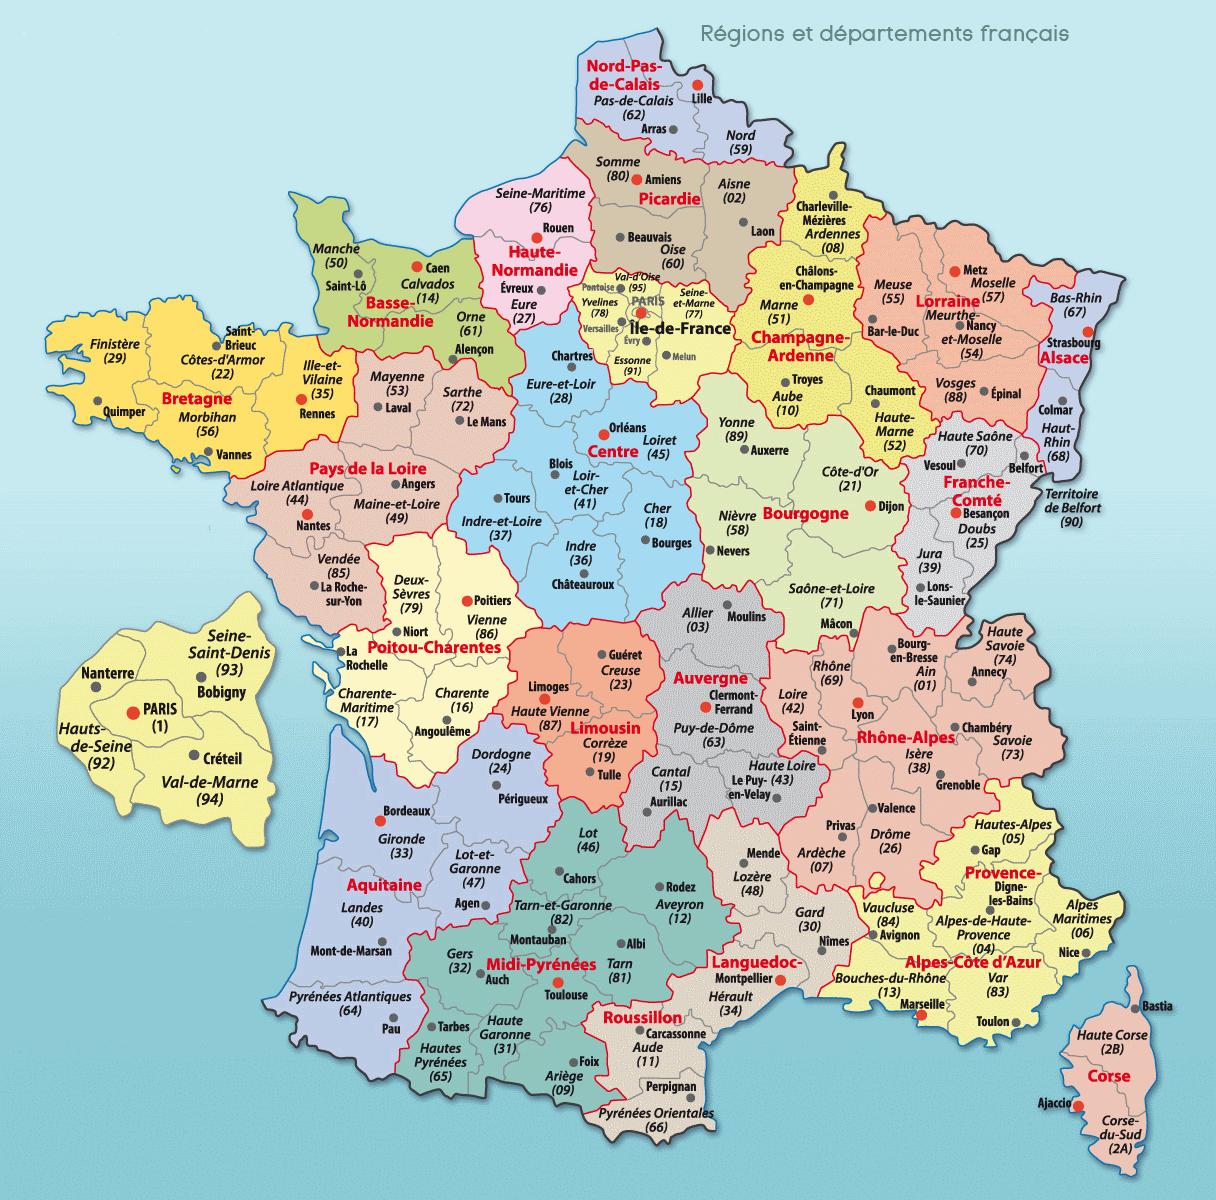 Cartes De France : Cartes Des Régions, Départements Et avec Régions De France Liste